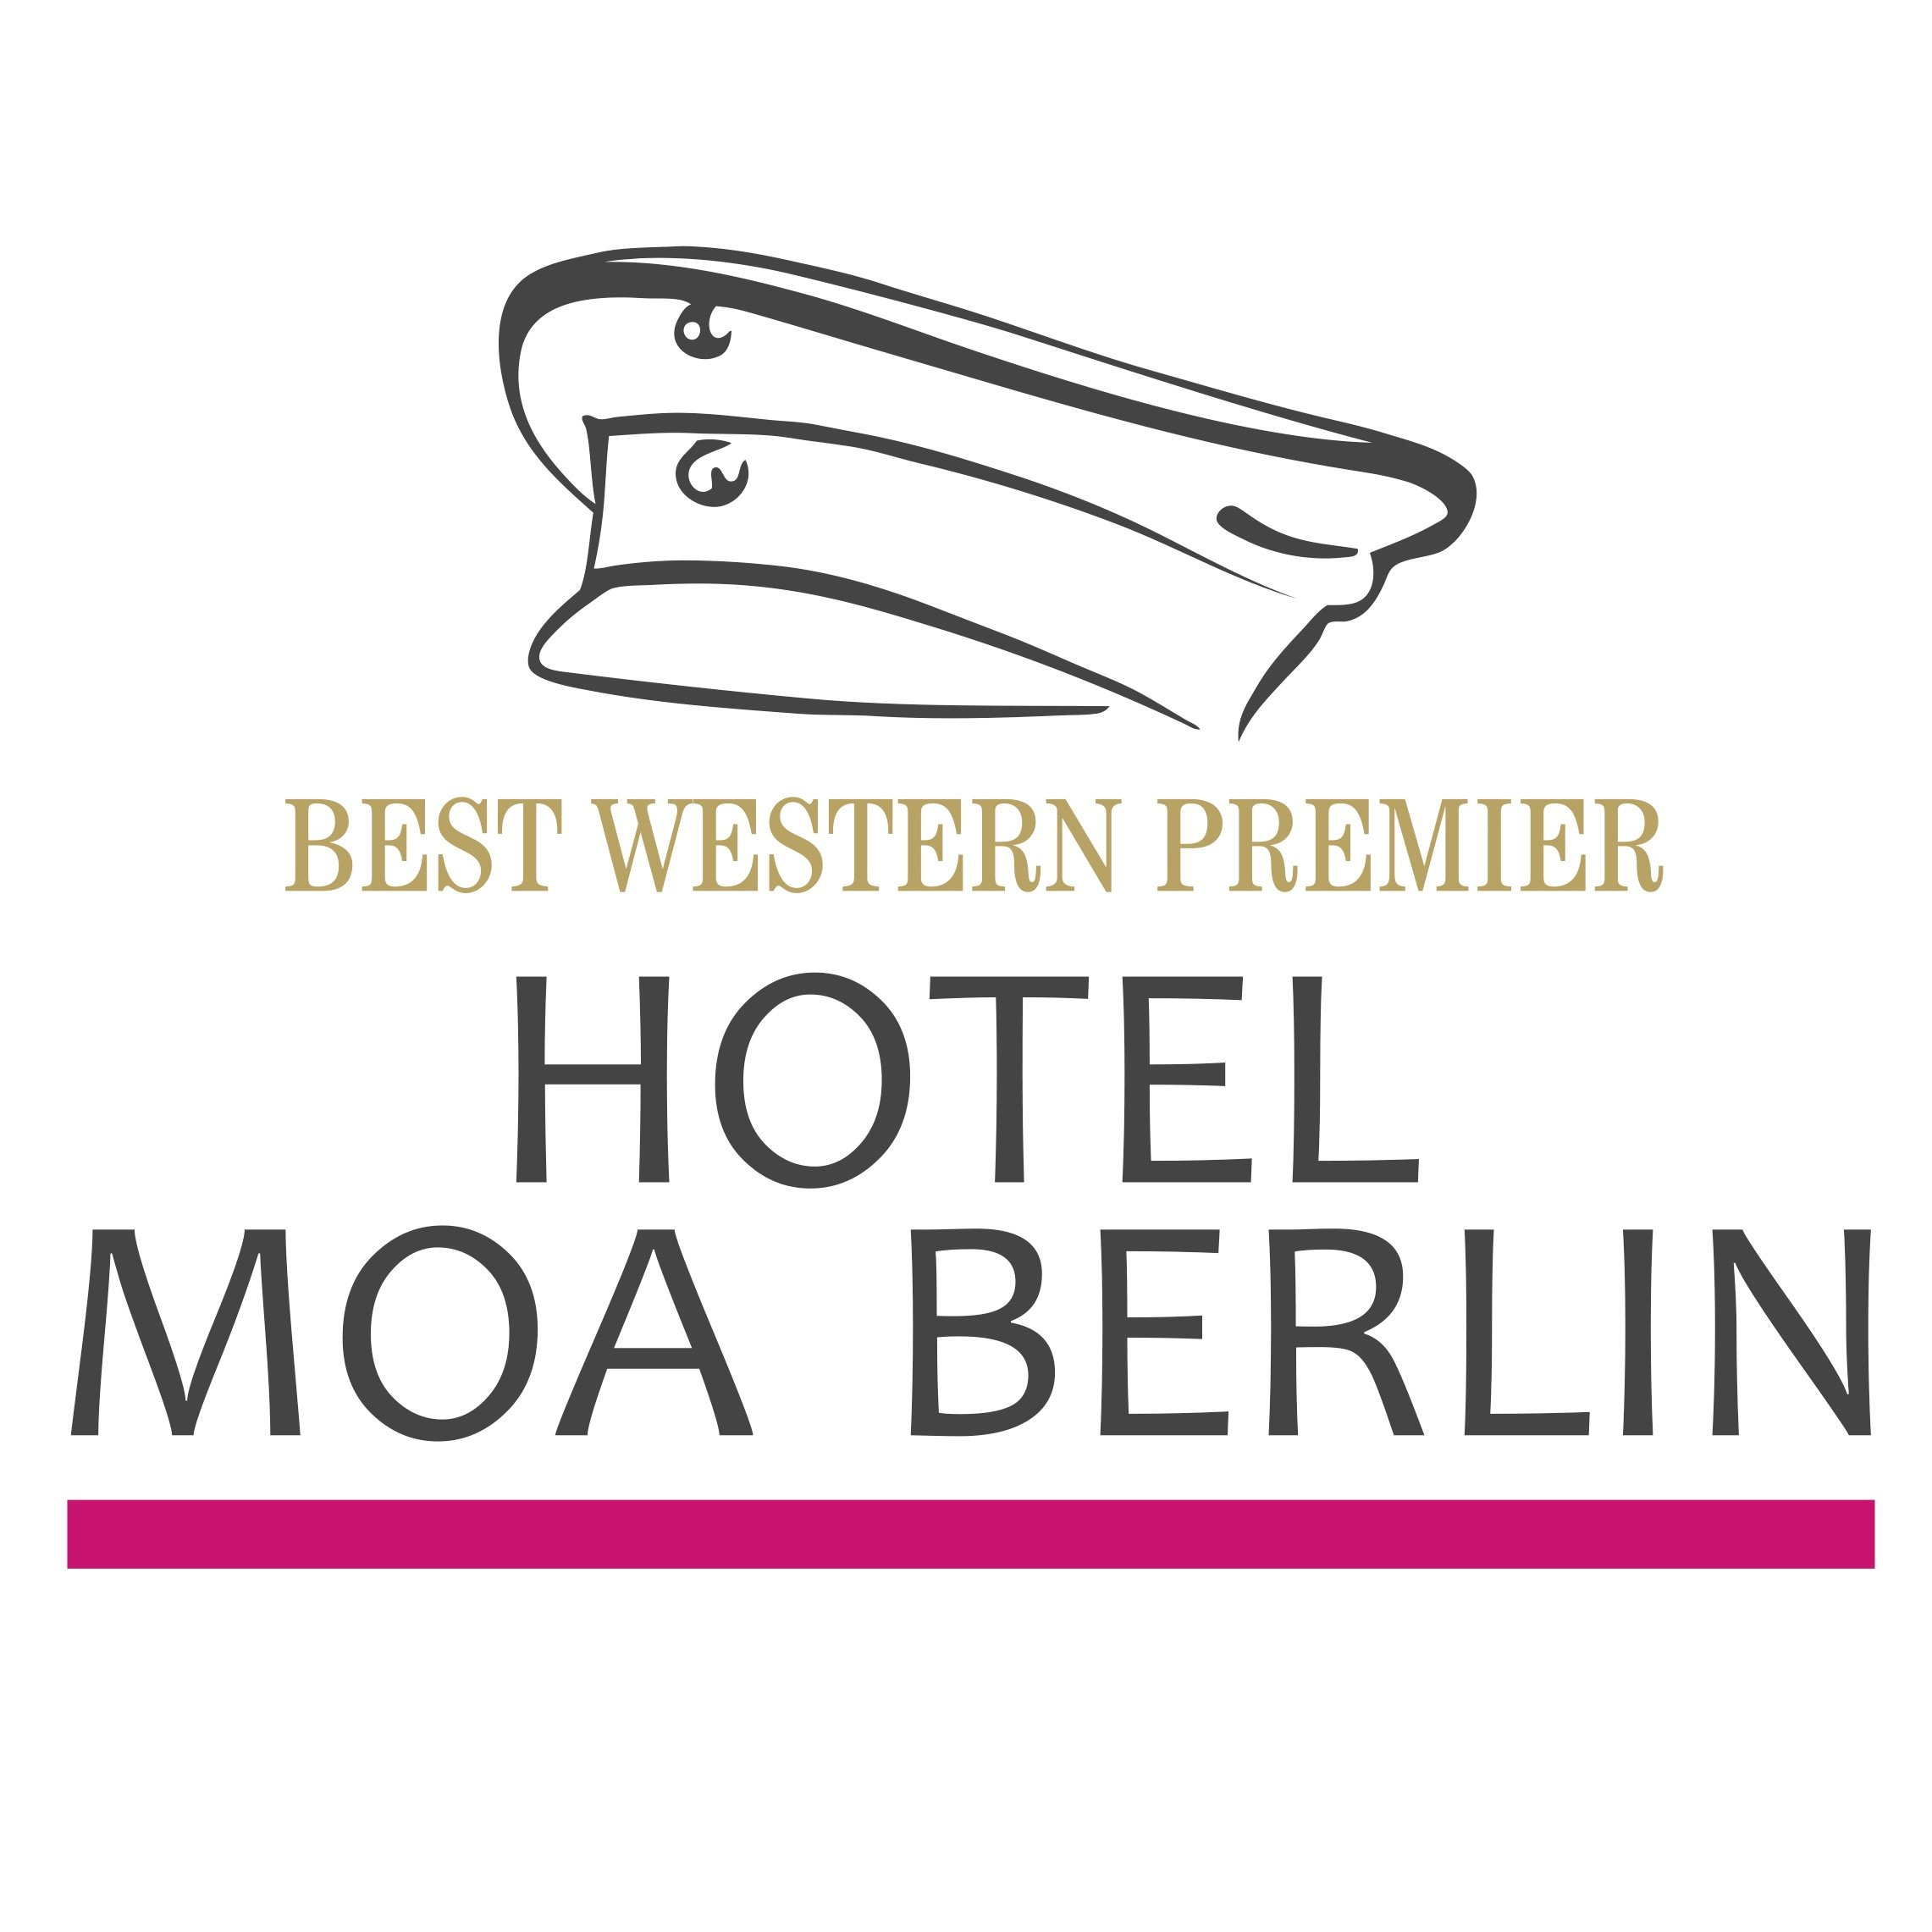 @HotelMoaBerlin